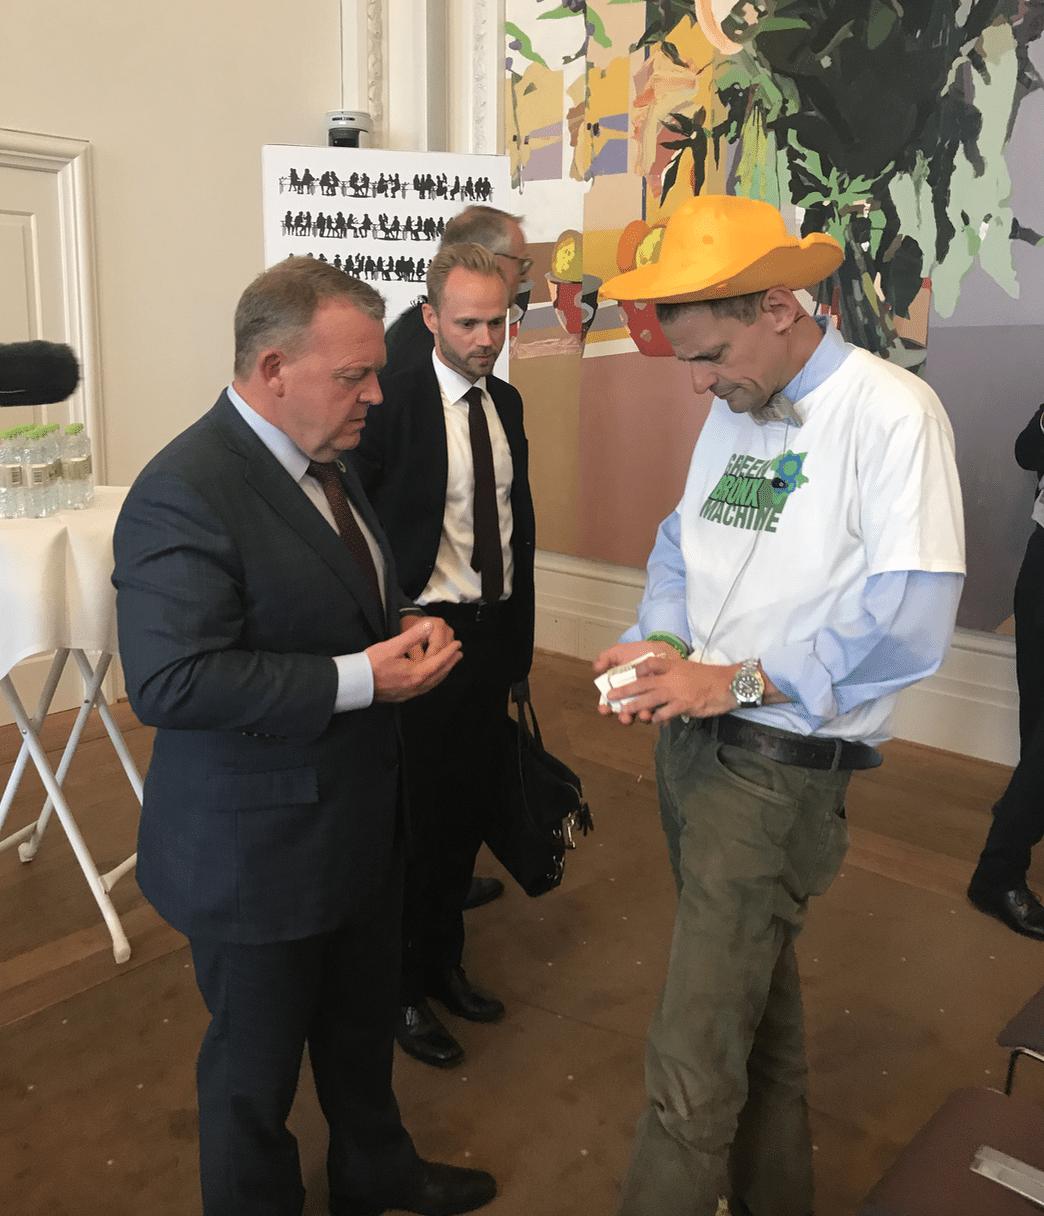 """Et af ugens bedste øjeblikke – for mig – var dette: Lars Løkke Rasmussen bad en af mine store helte, manden med den gule oste-hat, Stephen Ritz fra The Bronx Machine, om et visitkort, fordi han gerne vil høre mere om urban garden-projekterne blandt skolebørn i et belastet boligområde i storbyen New York, hvor """"food deserts"""" er udbredte, men hvor det, at dyrke mad hjælper på alt – fra kriminalitet til sundhed til karaktergennemsnit."""